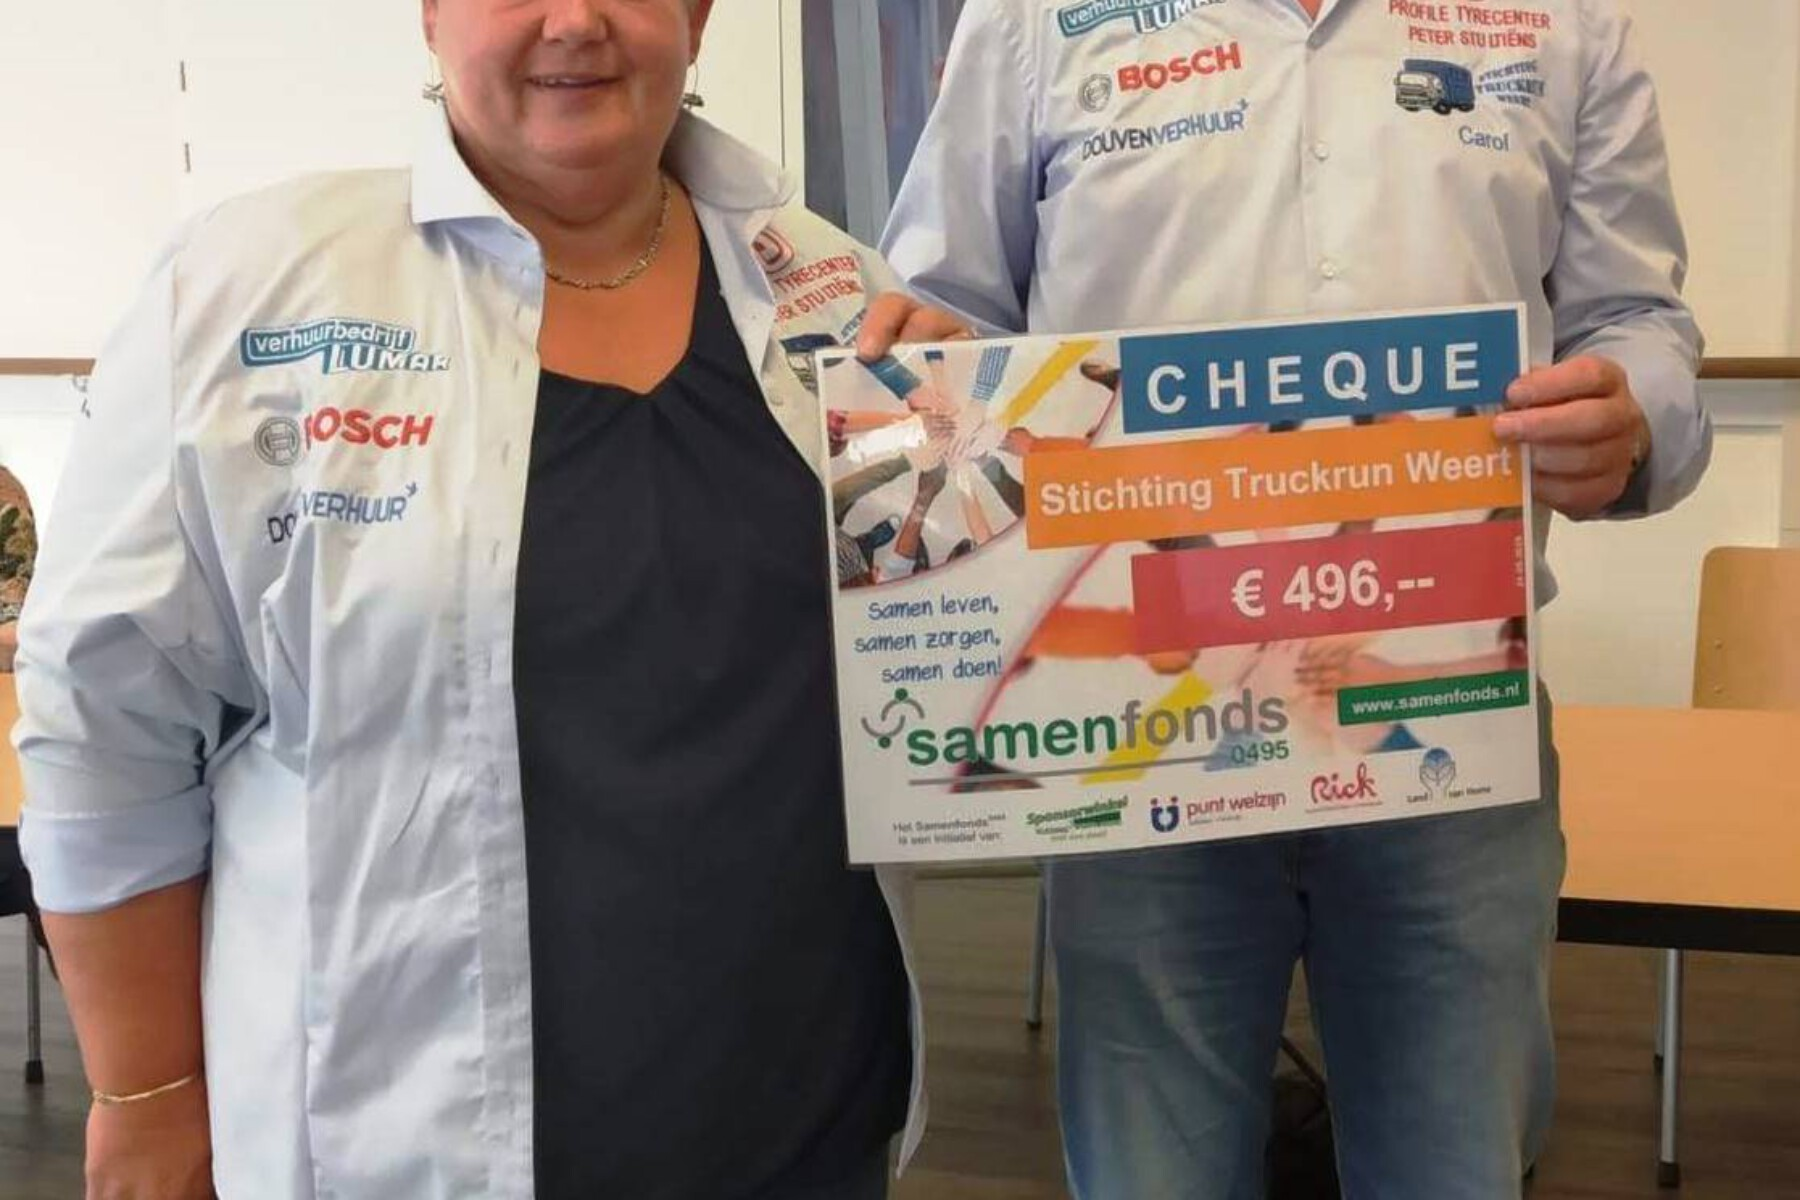 Stichting Truckrun Weert